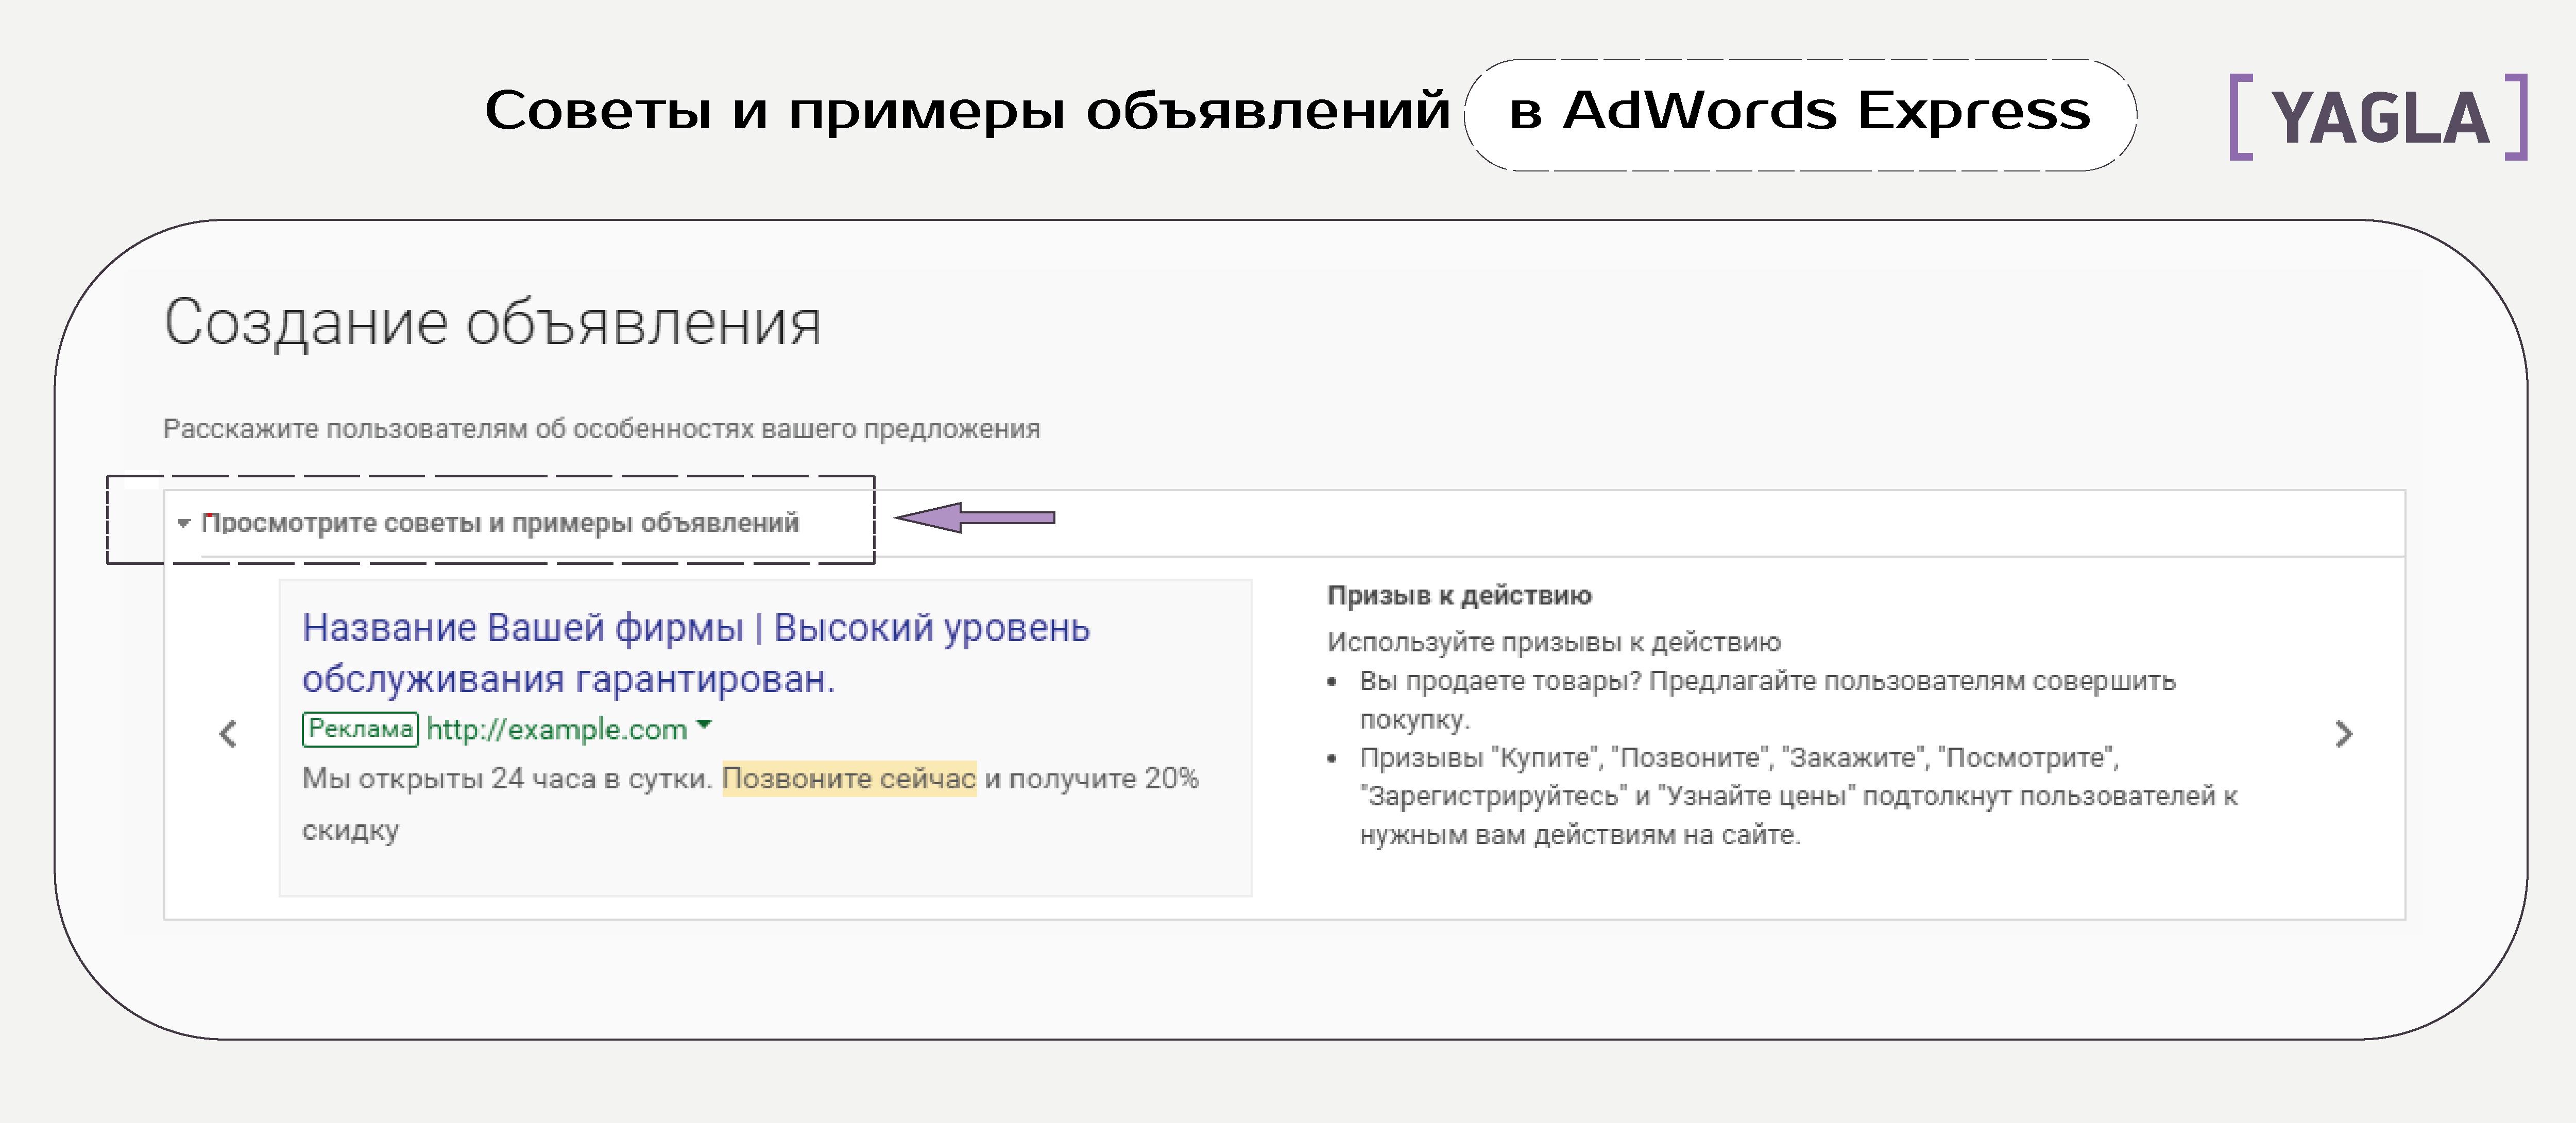 Советы и примеры объявлений в AdWords Express